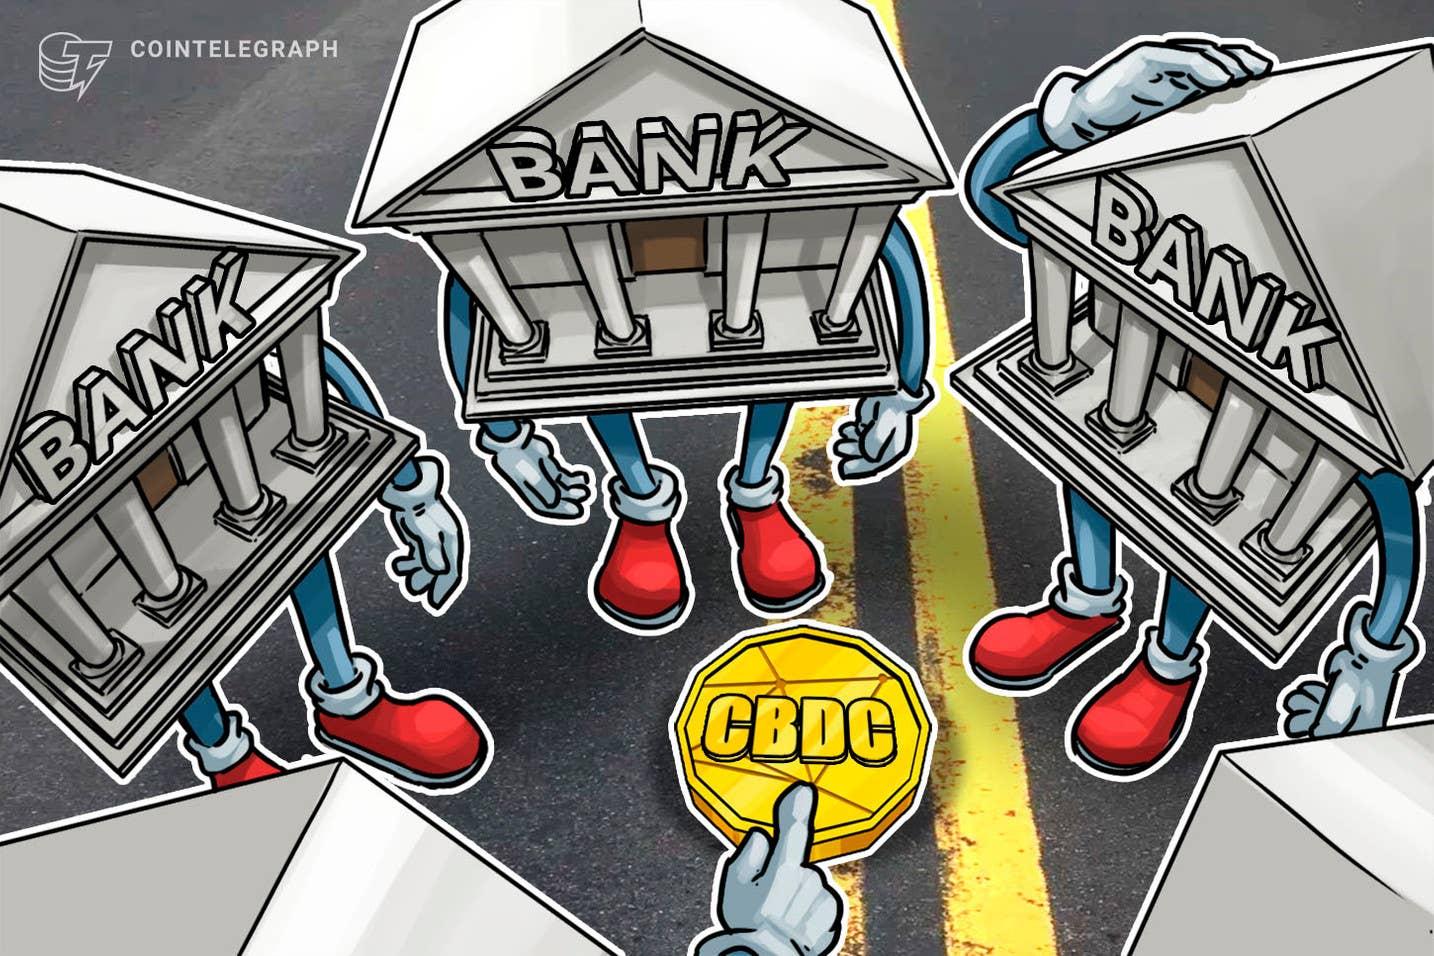 HSBC generalinis direktorius palaiko CBDC prieš kriptovaliutas ir stabilias monetas